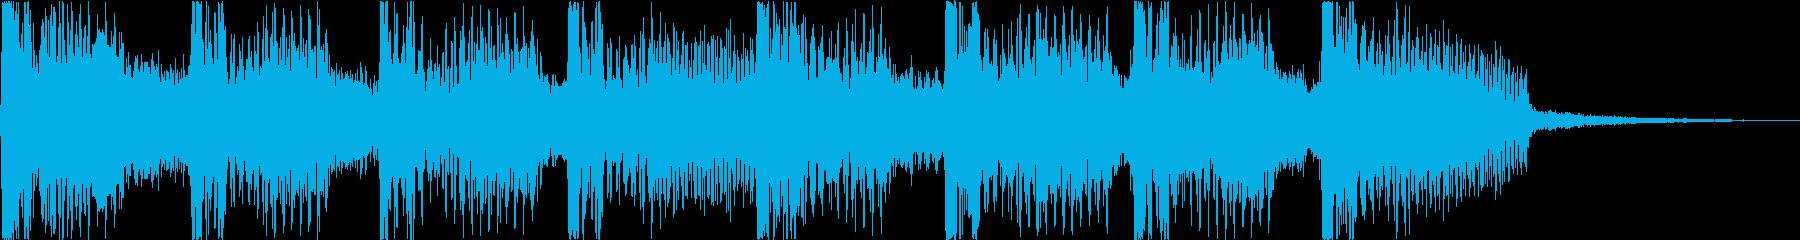 キラキラサウンドのアイキャッチの再生済みの波形